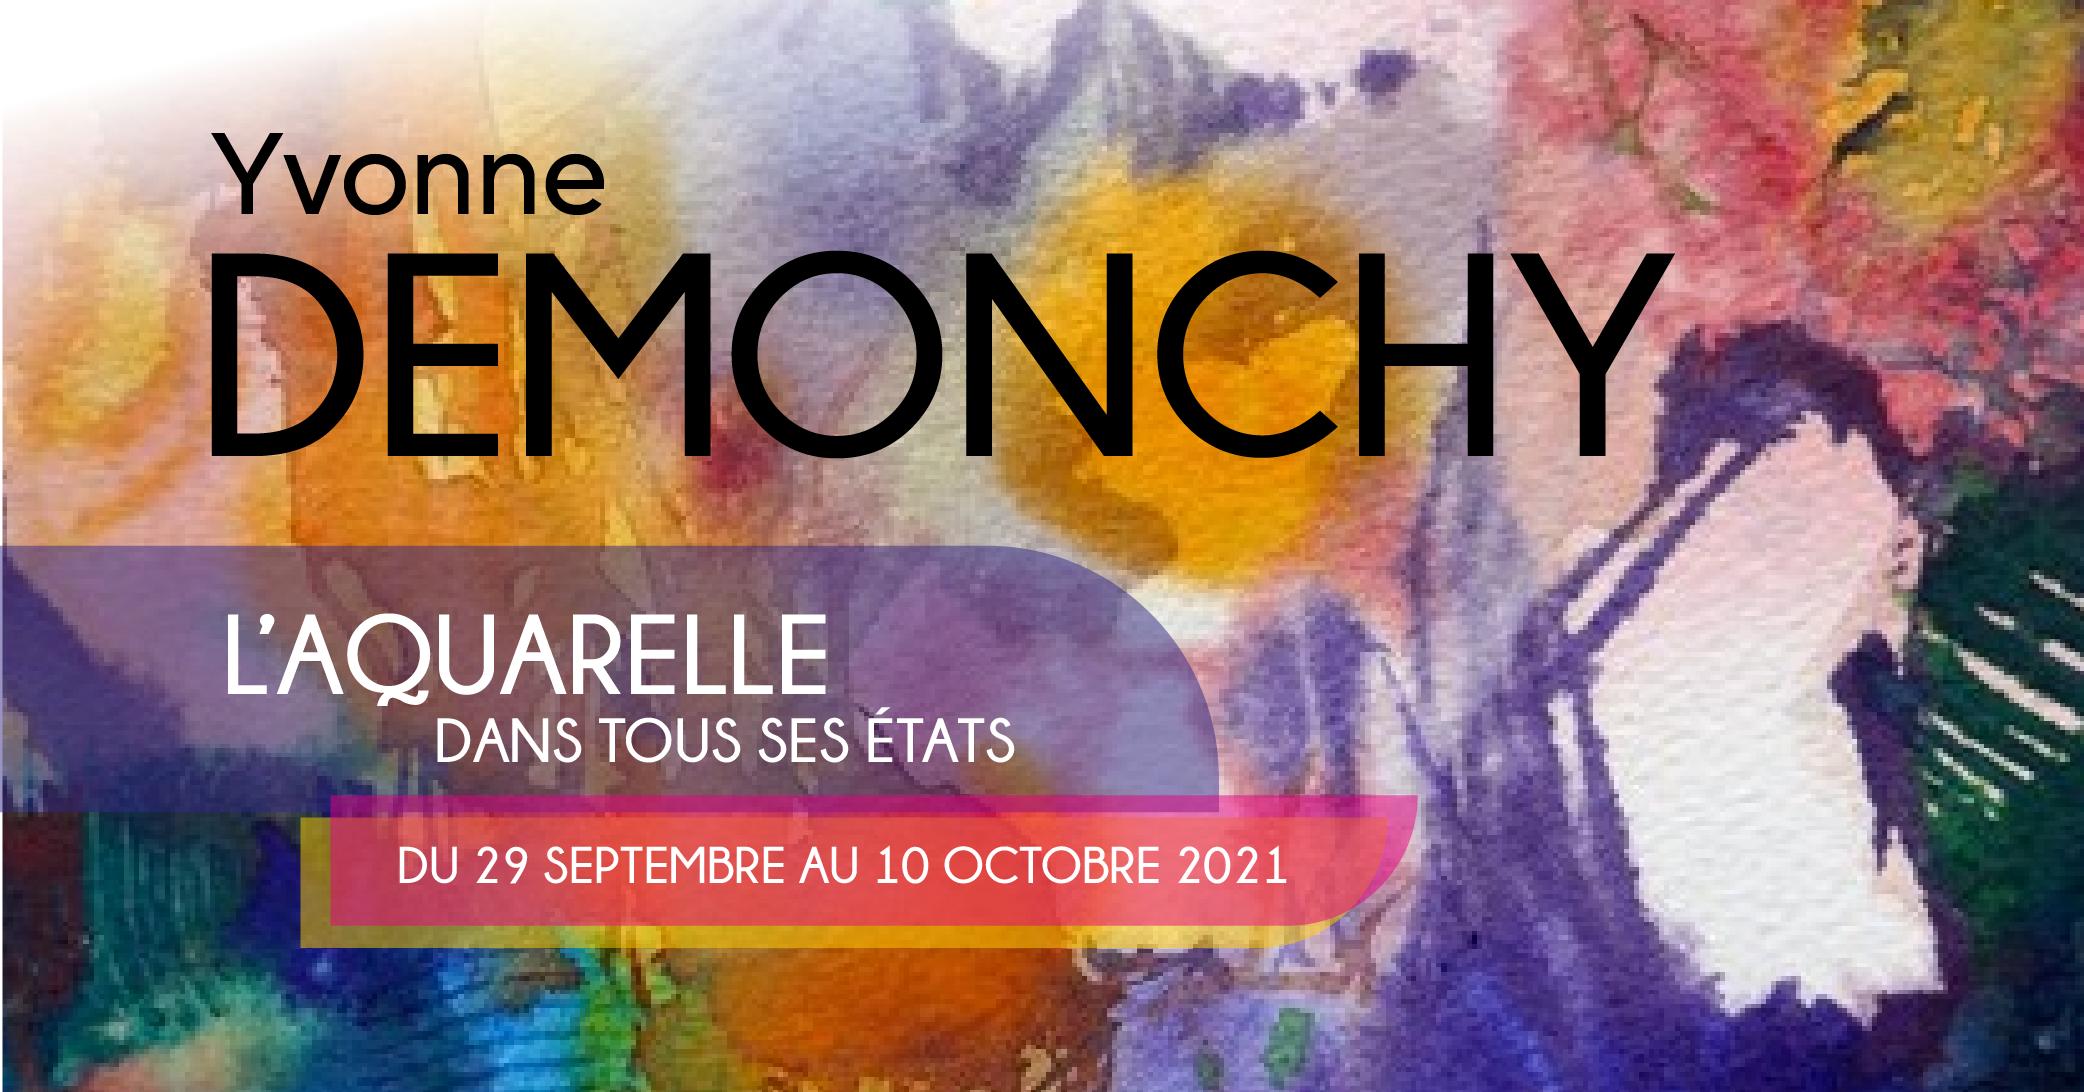 You are currently viewing L'Aquarelle dans tous ses états (Yvonne Demonchy)